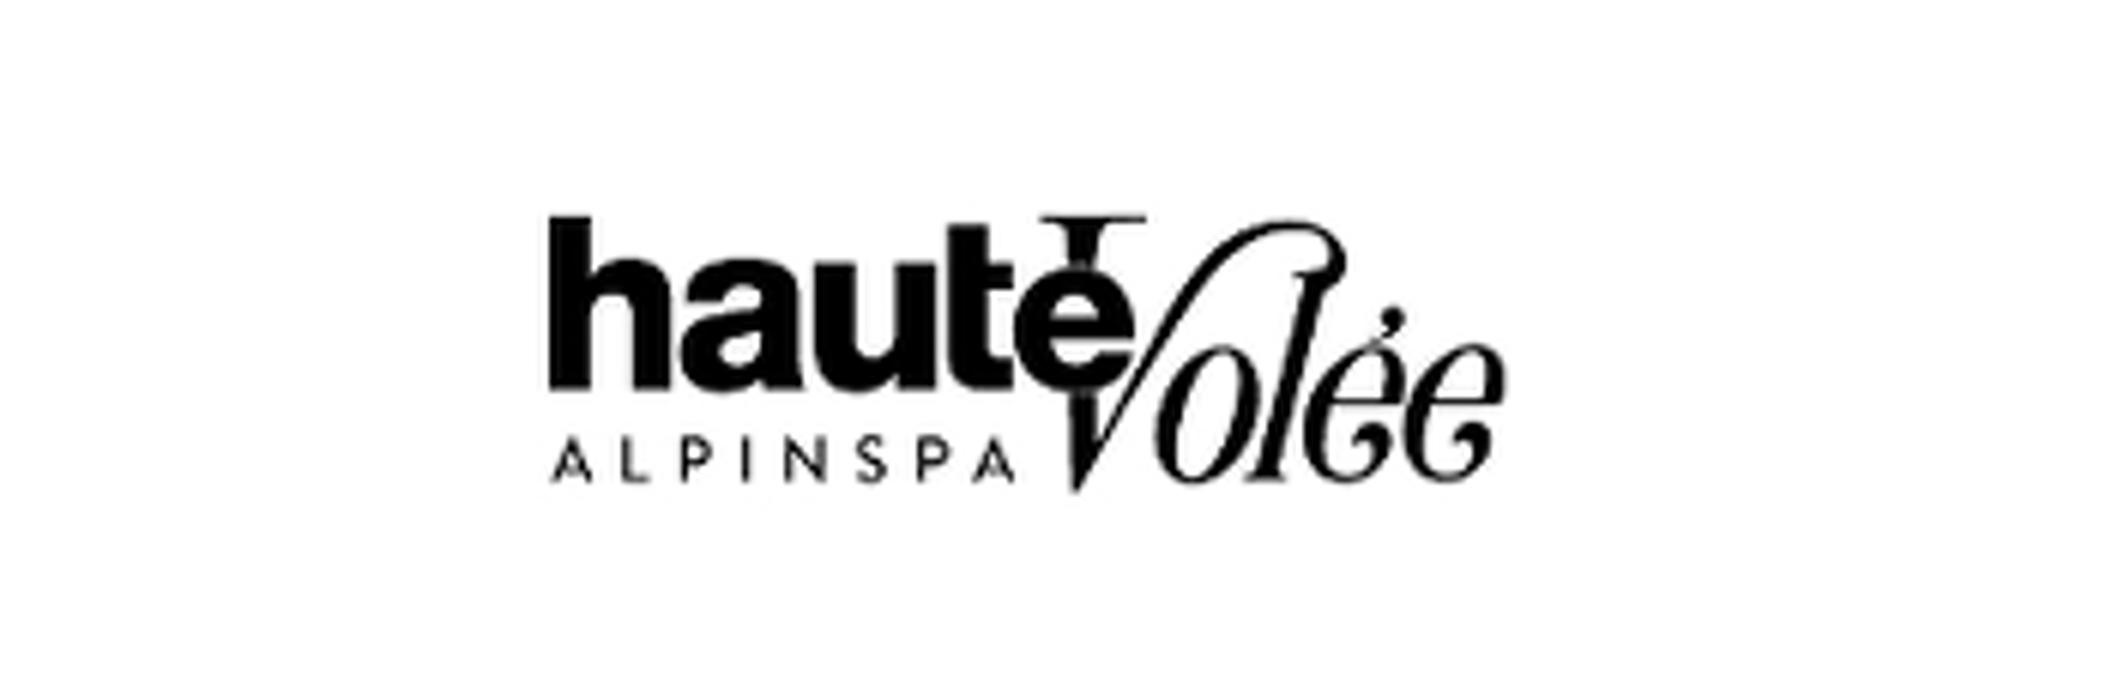 Logo von ALPINSPA hautevolée